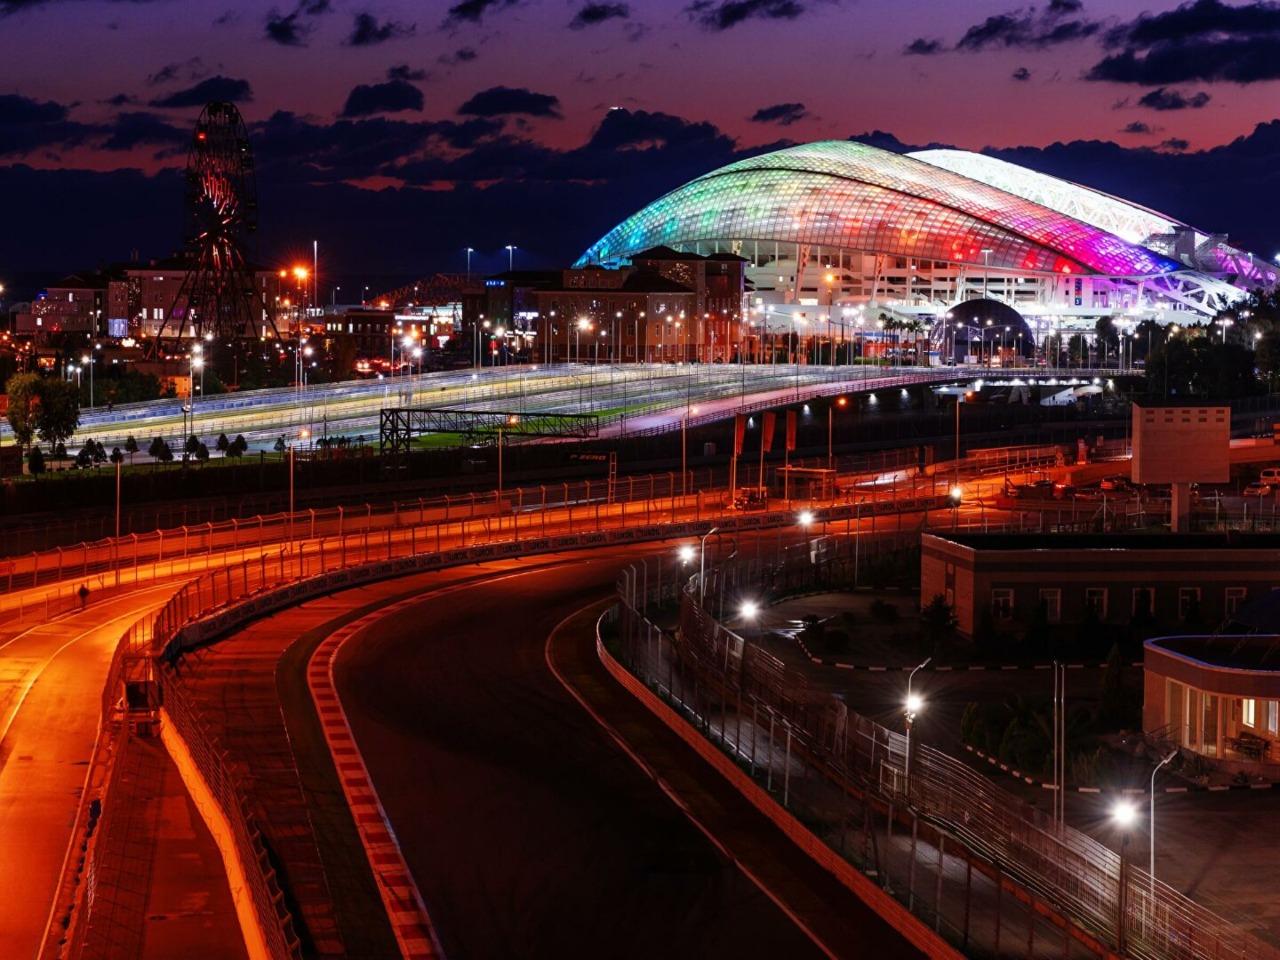 Вечерний Сочи  с посещением Олимпийского парка - индивидуальная экскурсия в Сочи от опытного гида